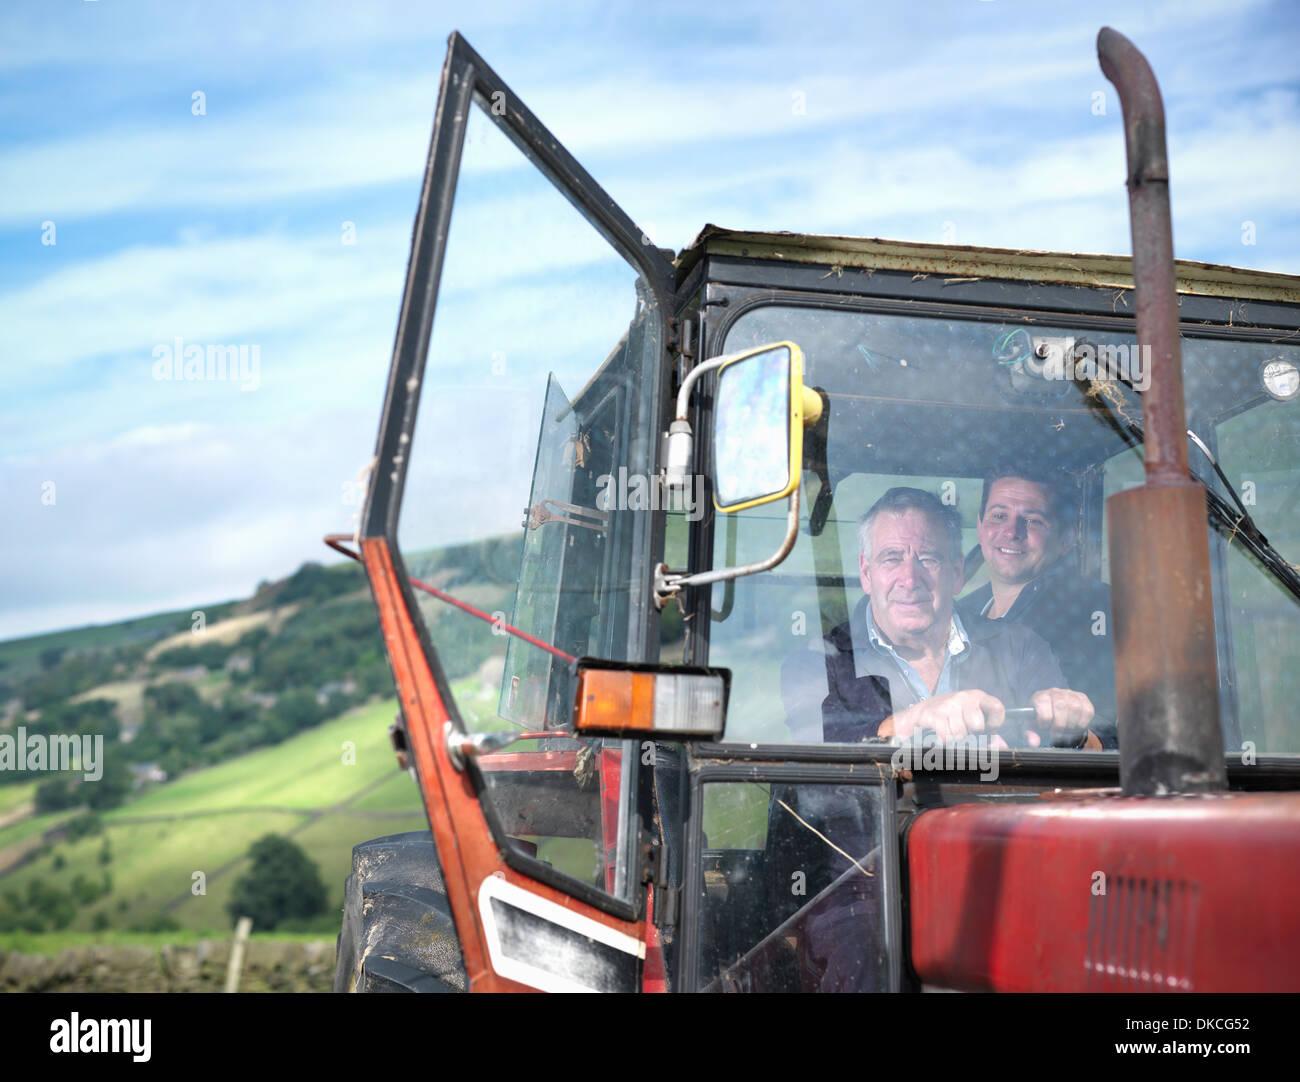 Agriculteur et son fils dans la cabine du tracteur, portrait Photo Stock